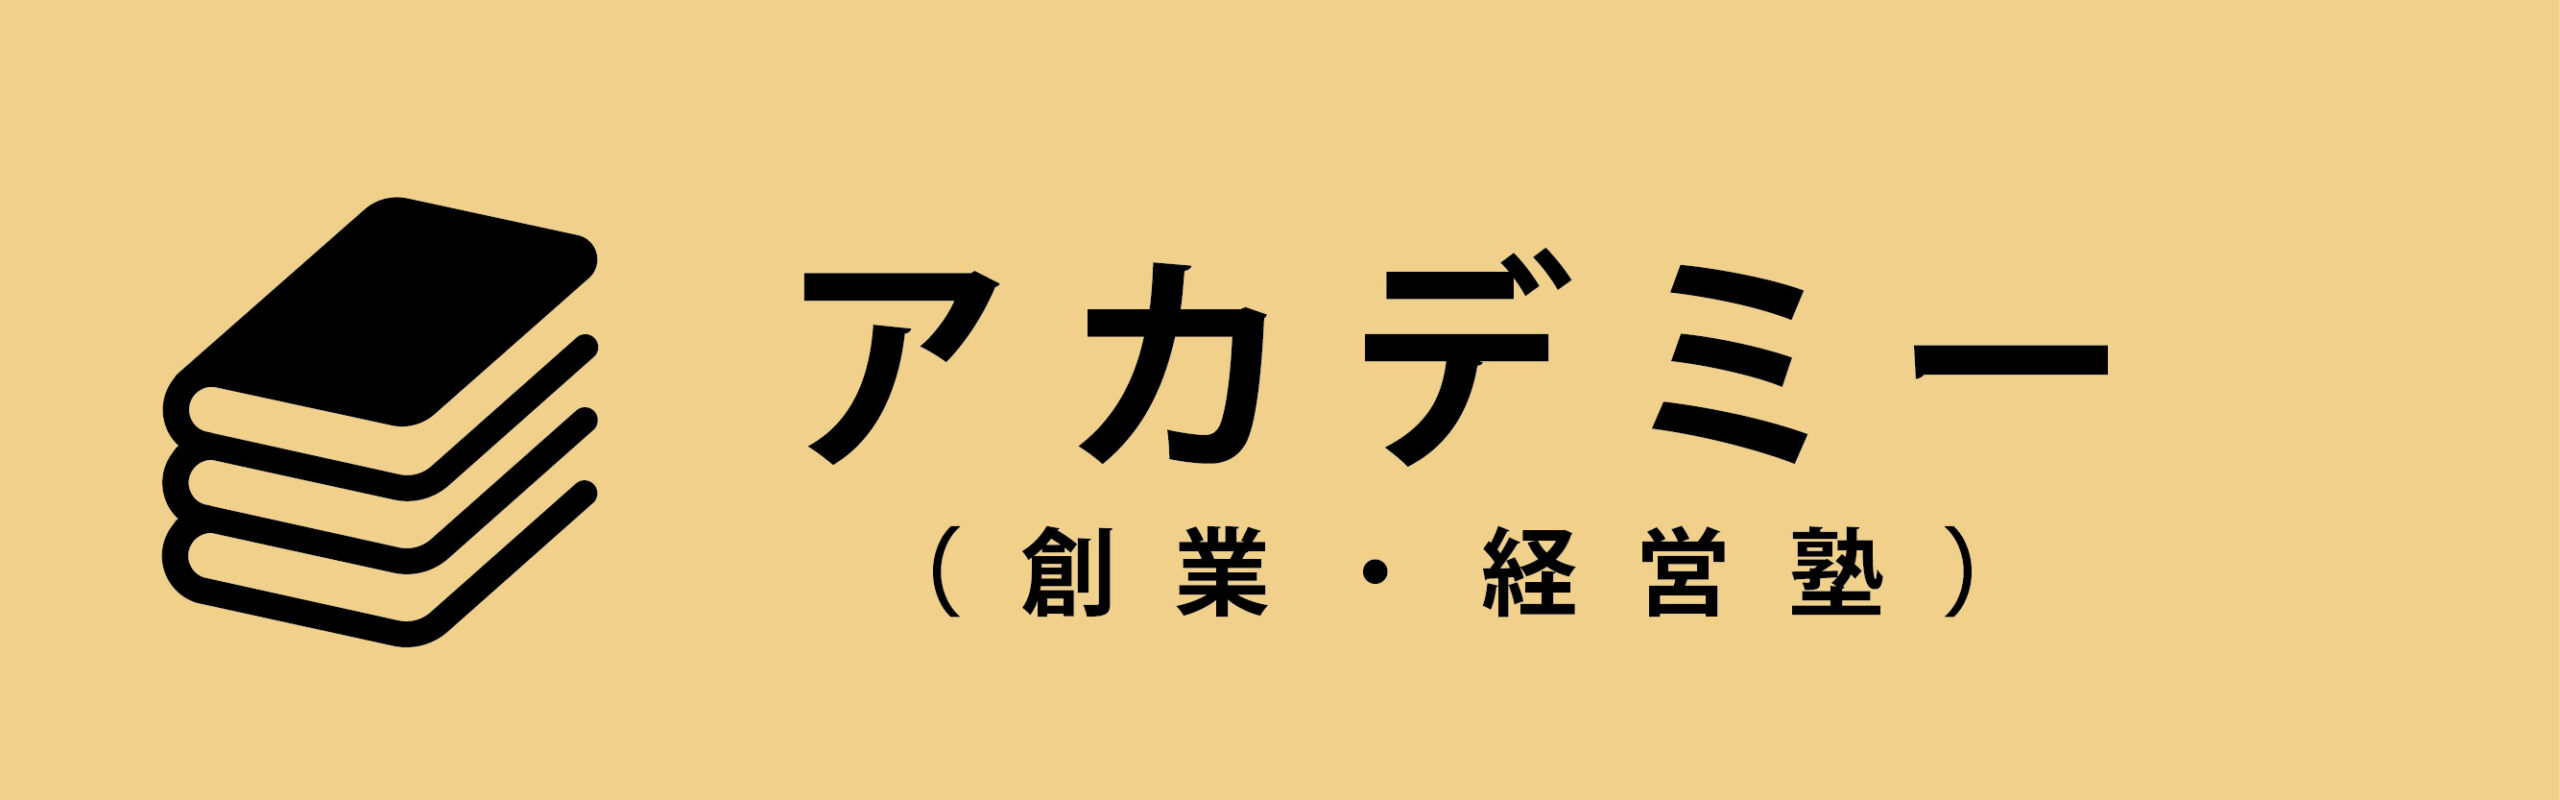 スタートアップアカデミー(創業塾・経営塾)